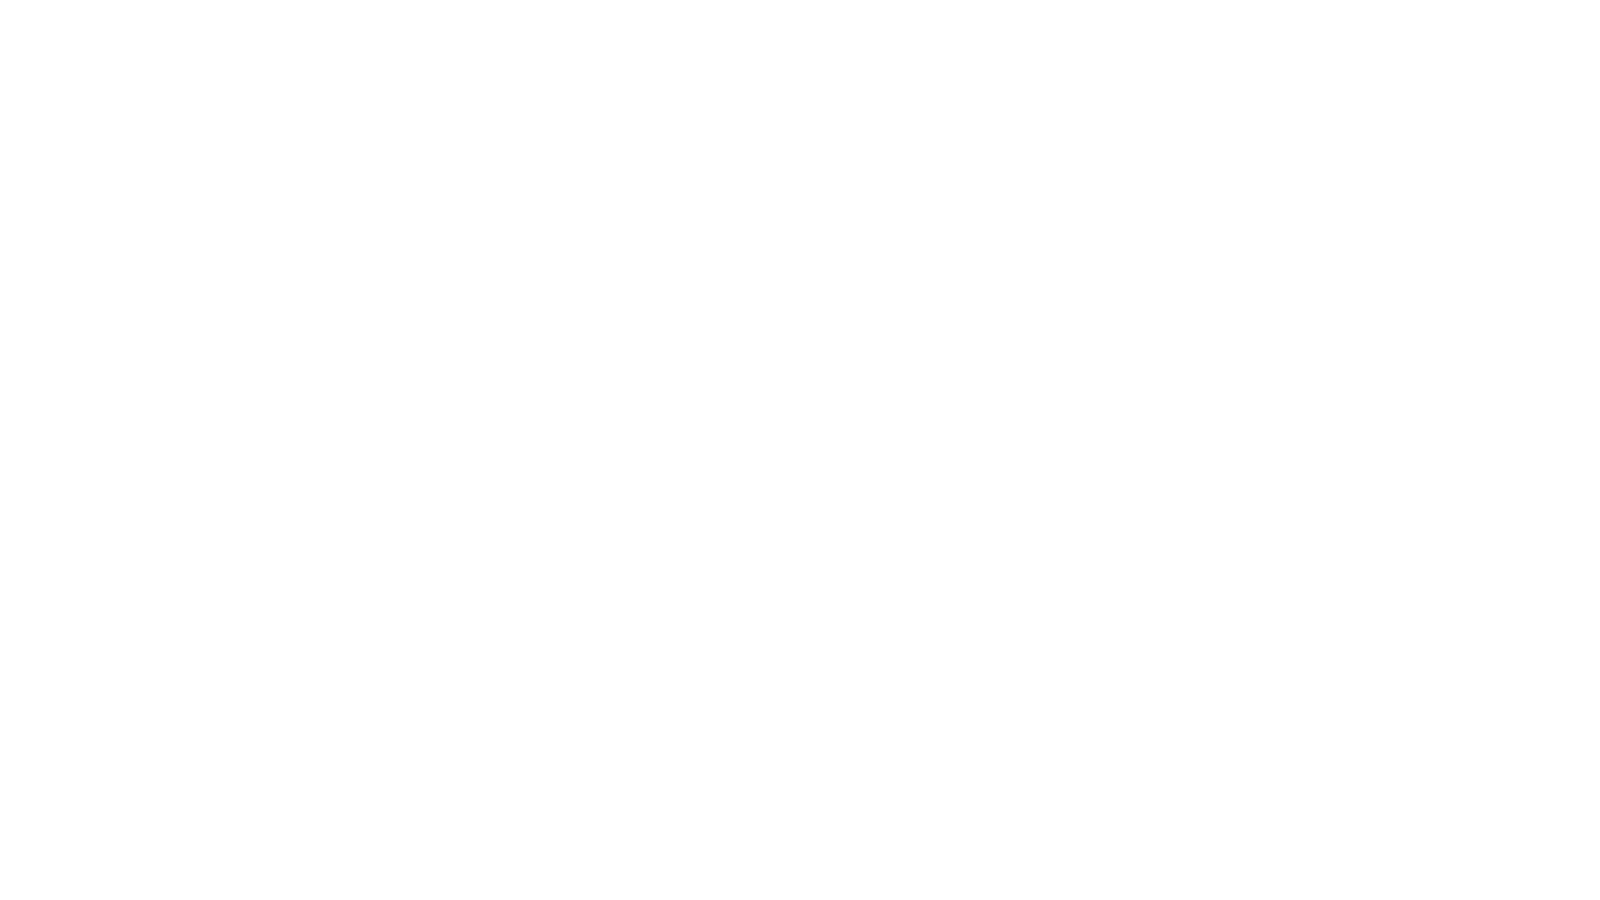 Zapraszamy na trzecią lekcję języka migowego z PełnoAktywnymi!  Nie oglądałeś/-aś poprzednich lekcji? Obejrzysz je tu: część 1: https://www.youtube.com/watch?v=aXiTHalkXhg&t=212s część 2: https://www.youtube.com/watch?v=3xasyYGGIDs  #jezykmigowy #centrumnawschodzie #ngo #szkolenie #orla #ozn #pjm #stowarzyszenie #podlasie #siemiatycze #bielskpodlaski #hajnówka #subregionbielski #samosprawni #pełnoaktywni #selfadwokatura #podlasiemiga